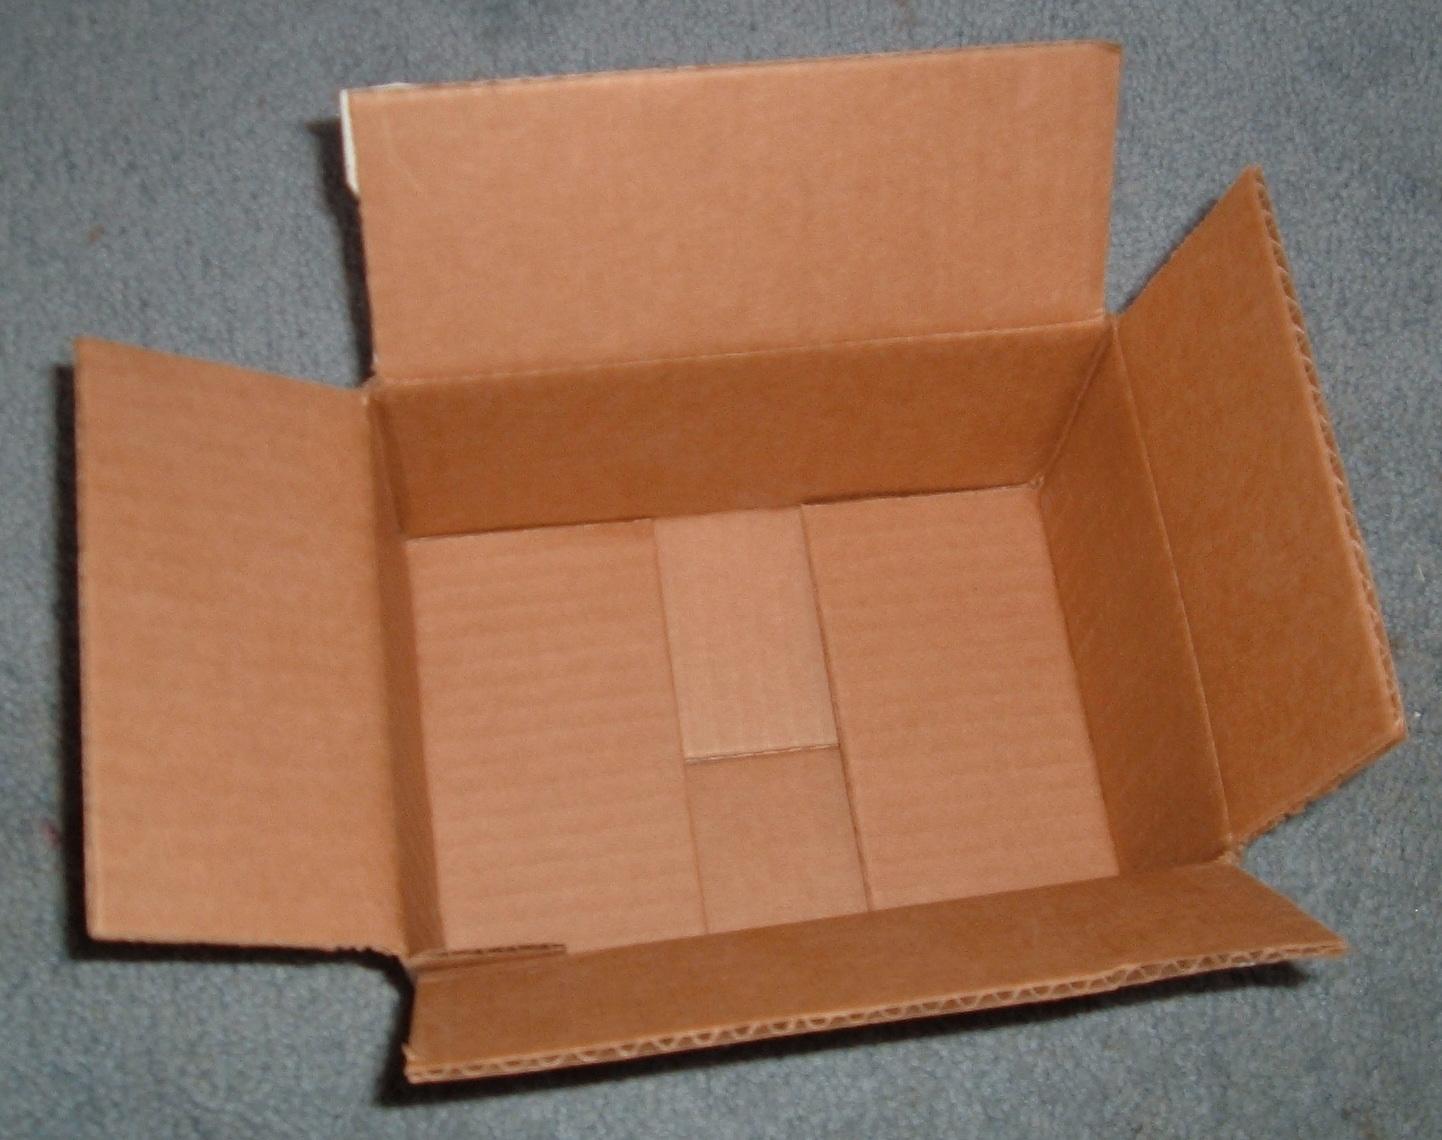 Cardboard box - Wikipedia